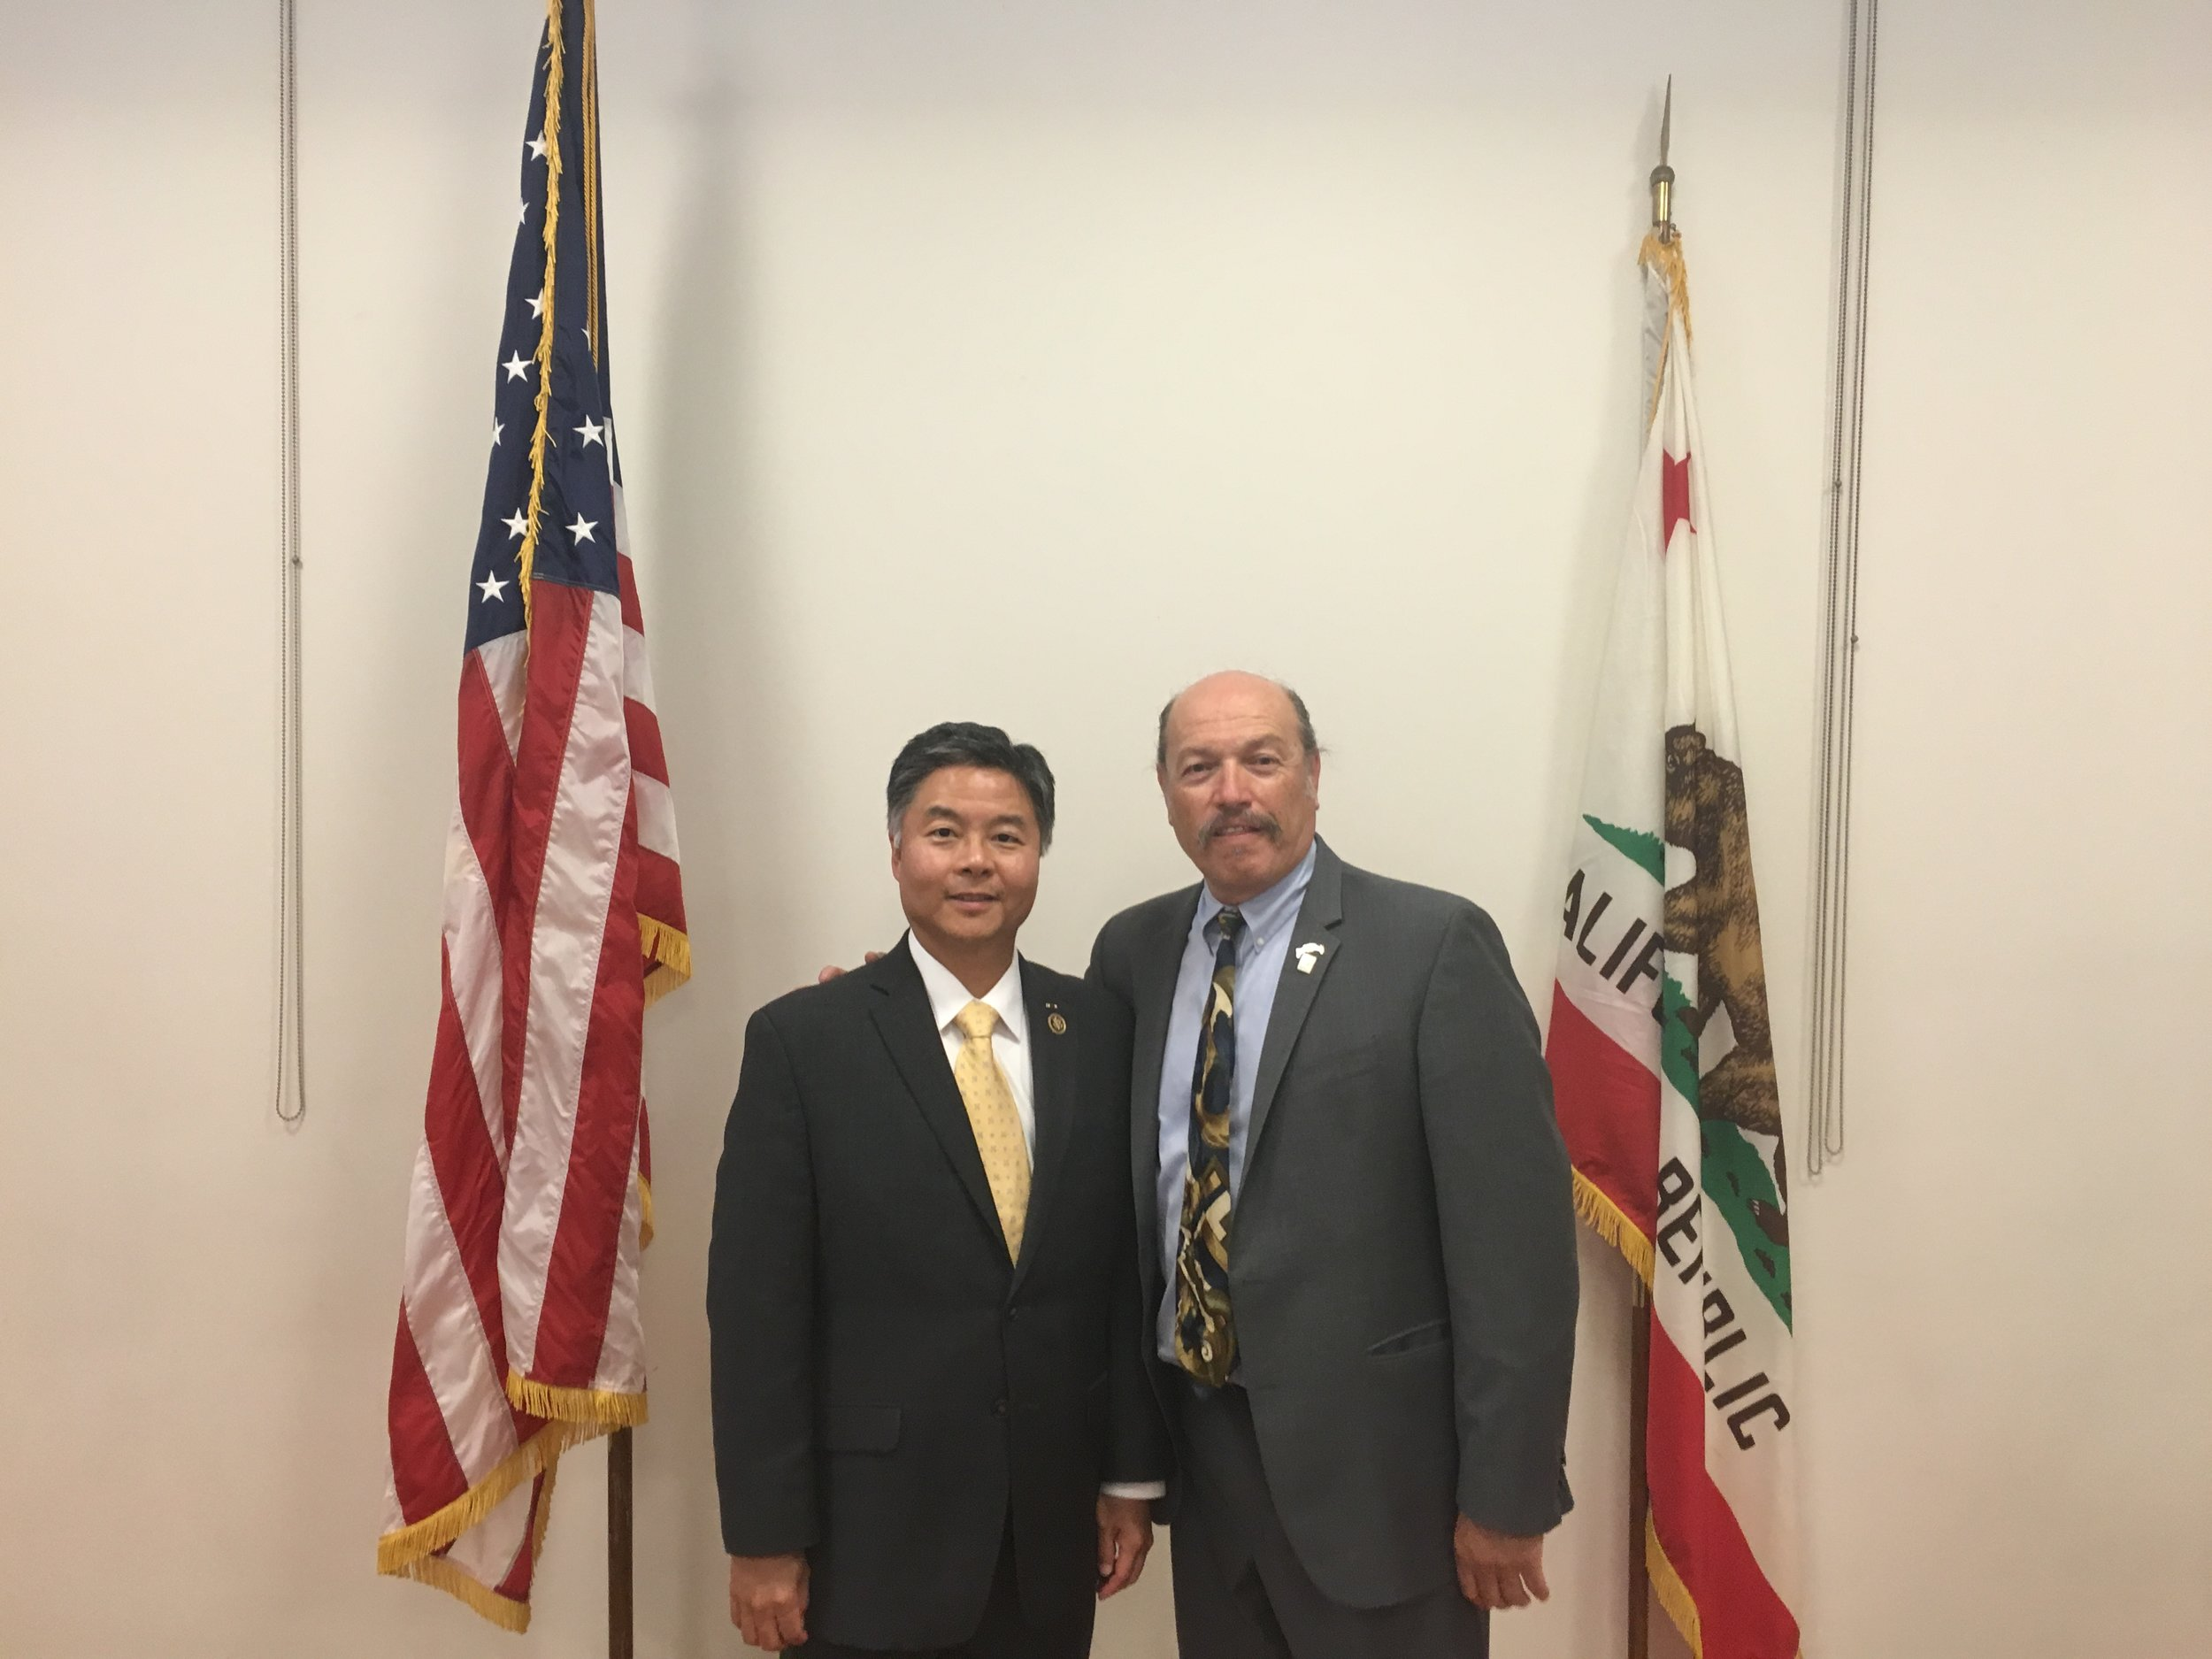 Tony with Congressman Ted Lieu